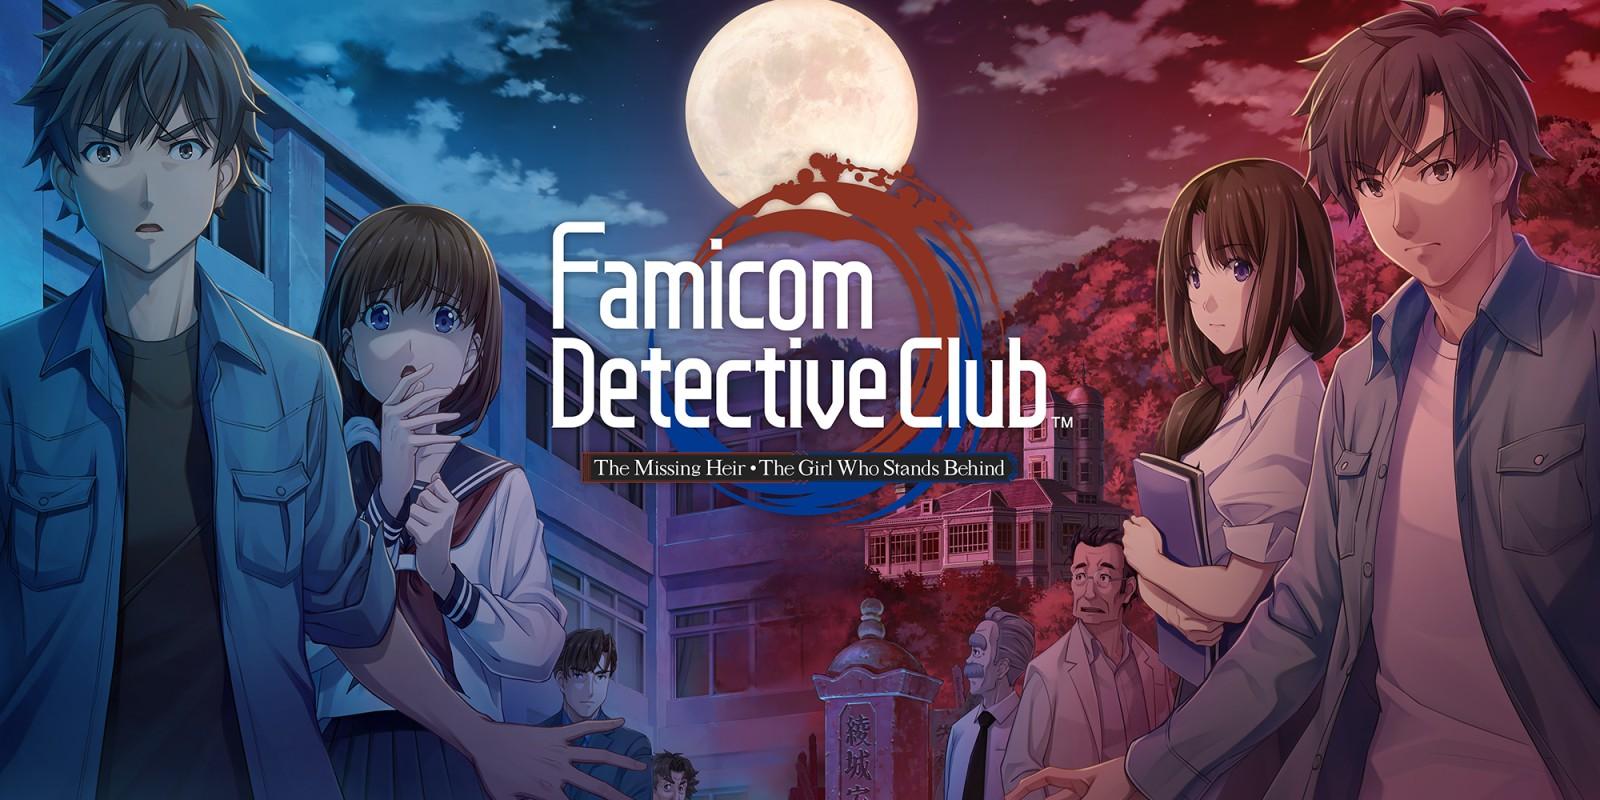 Famicom Detective Club cover